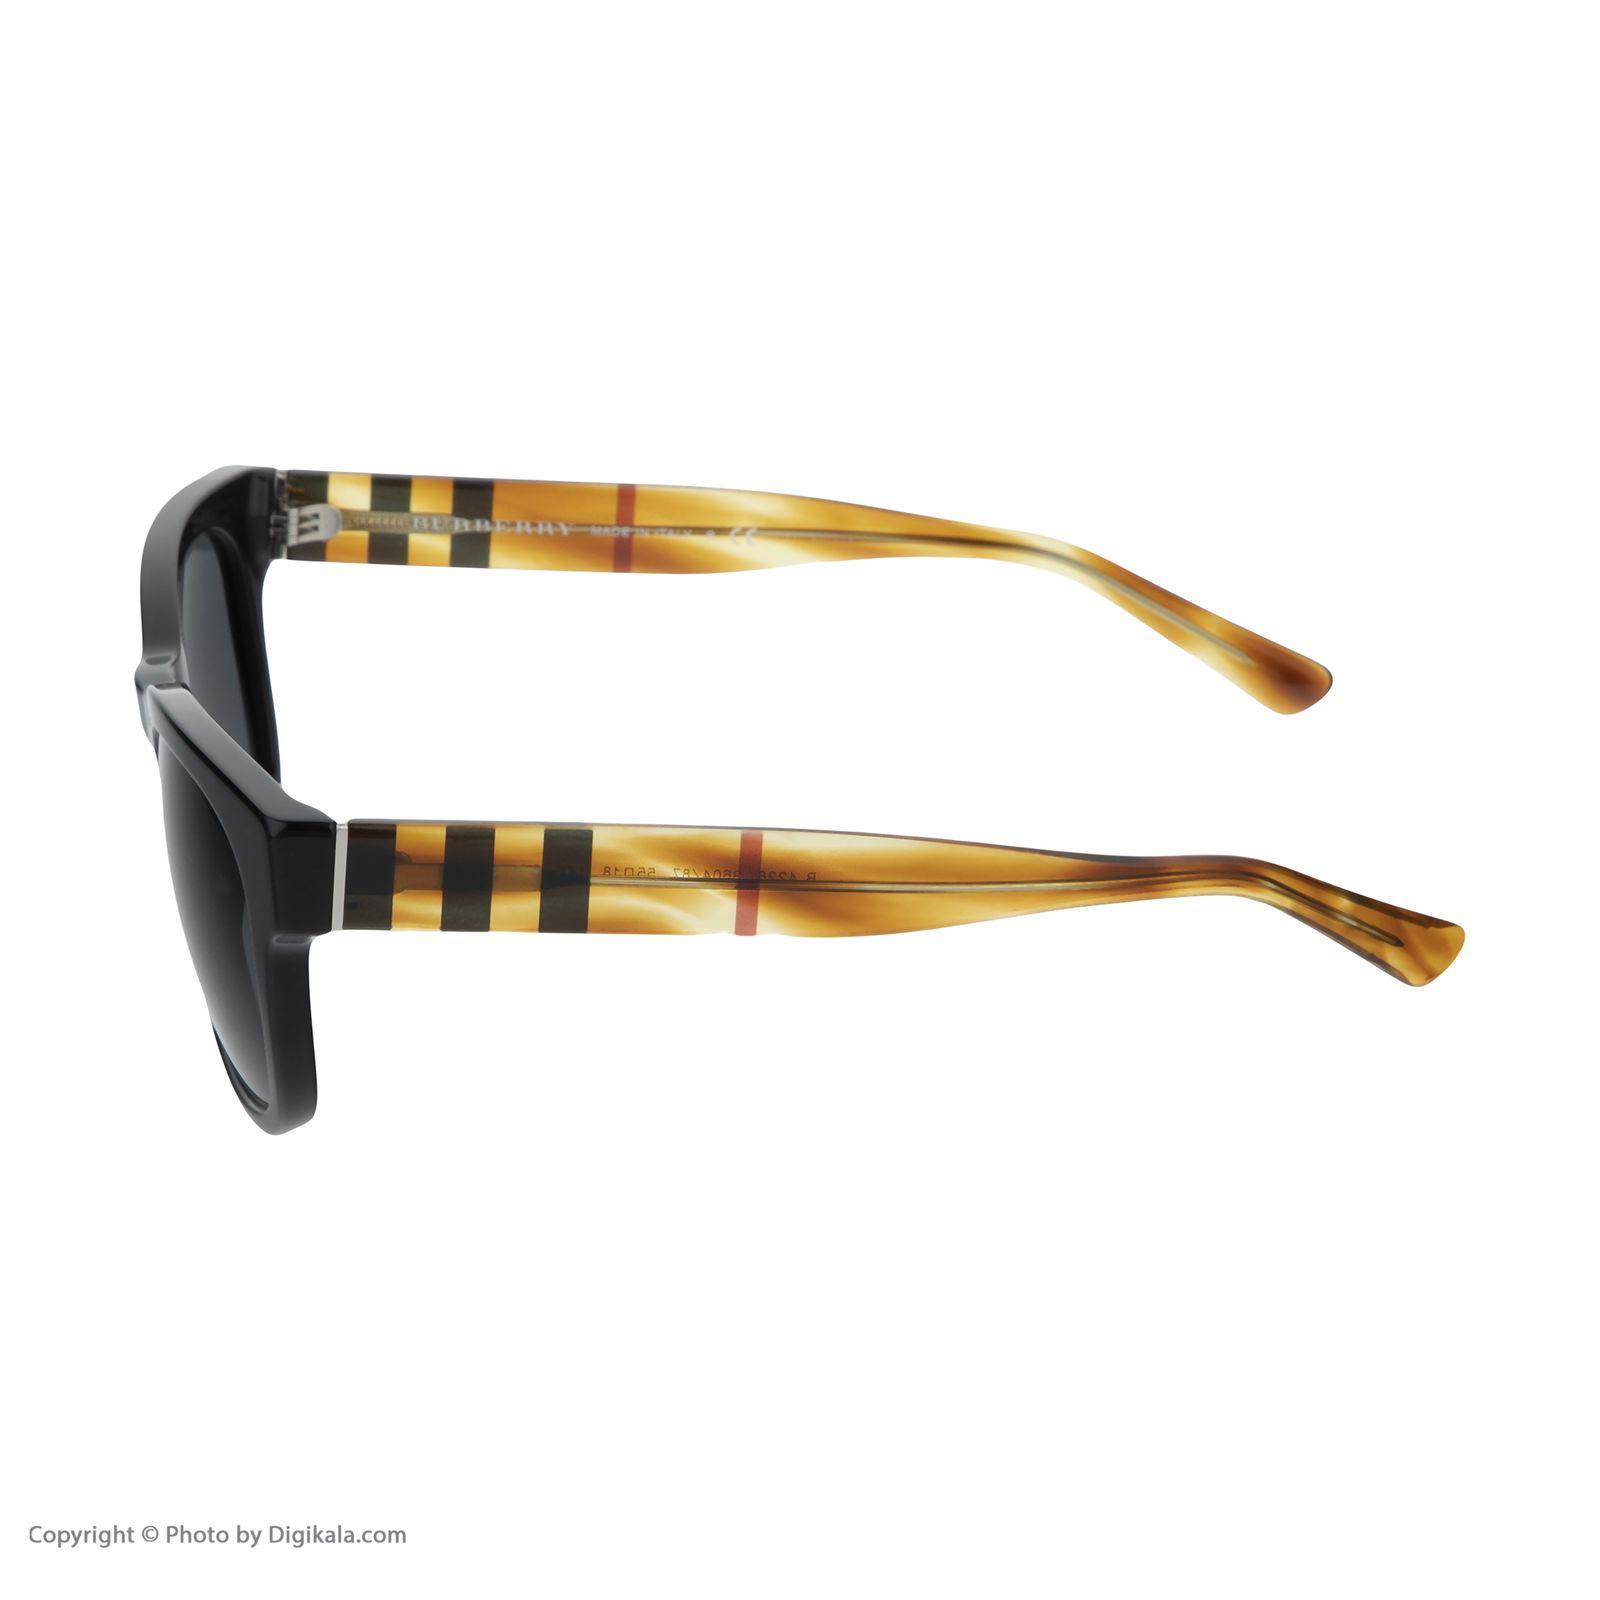 عینک آفتابی مردانه بربری مدل BE 4226S 360487 55 -  - 5